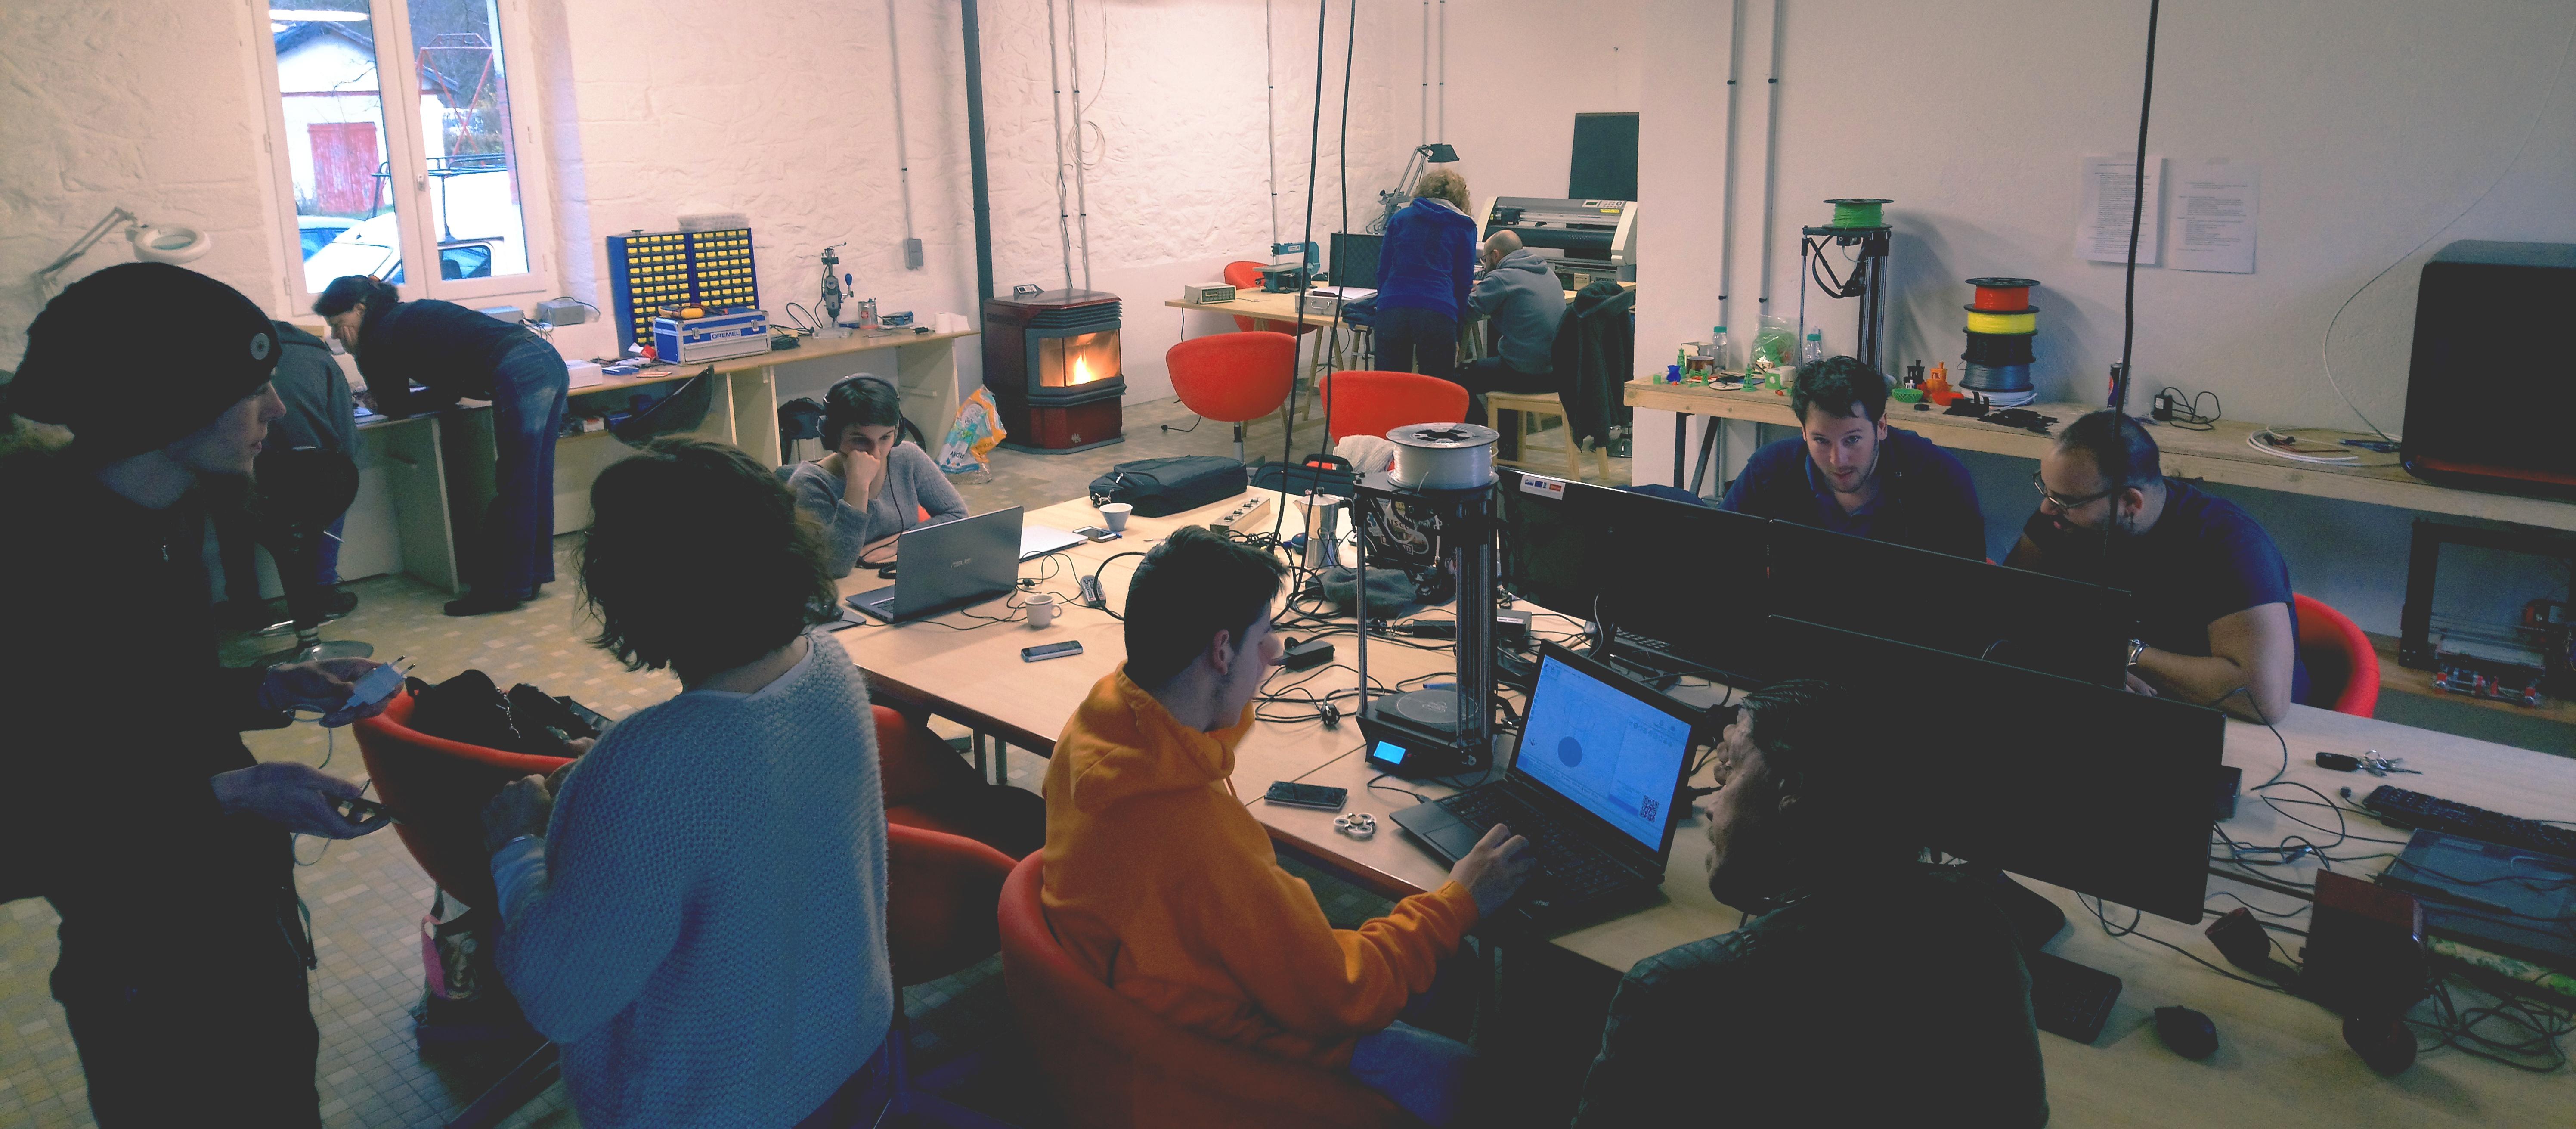 Atelier libre autour de l'équipement du lab